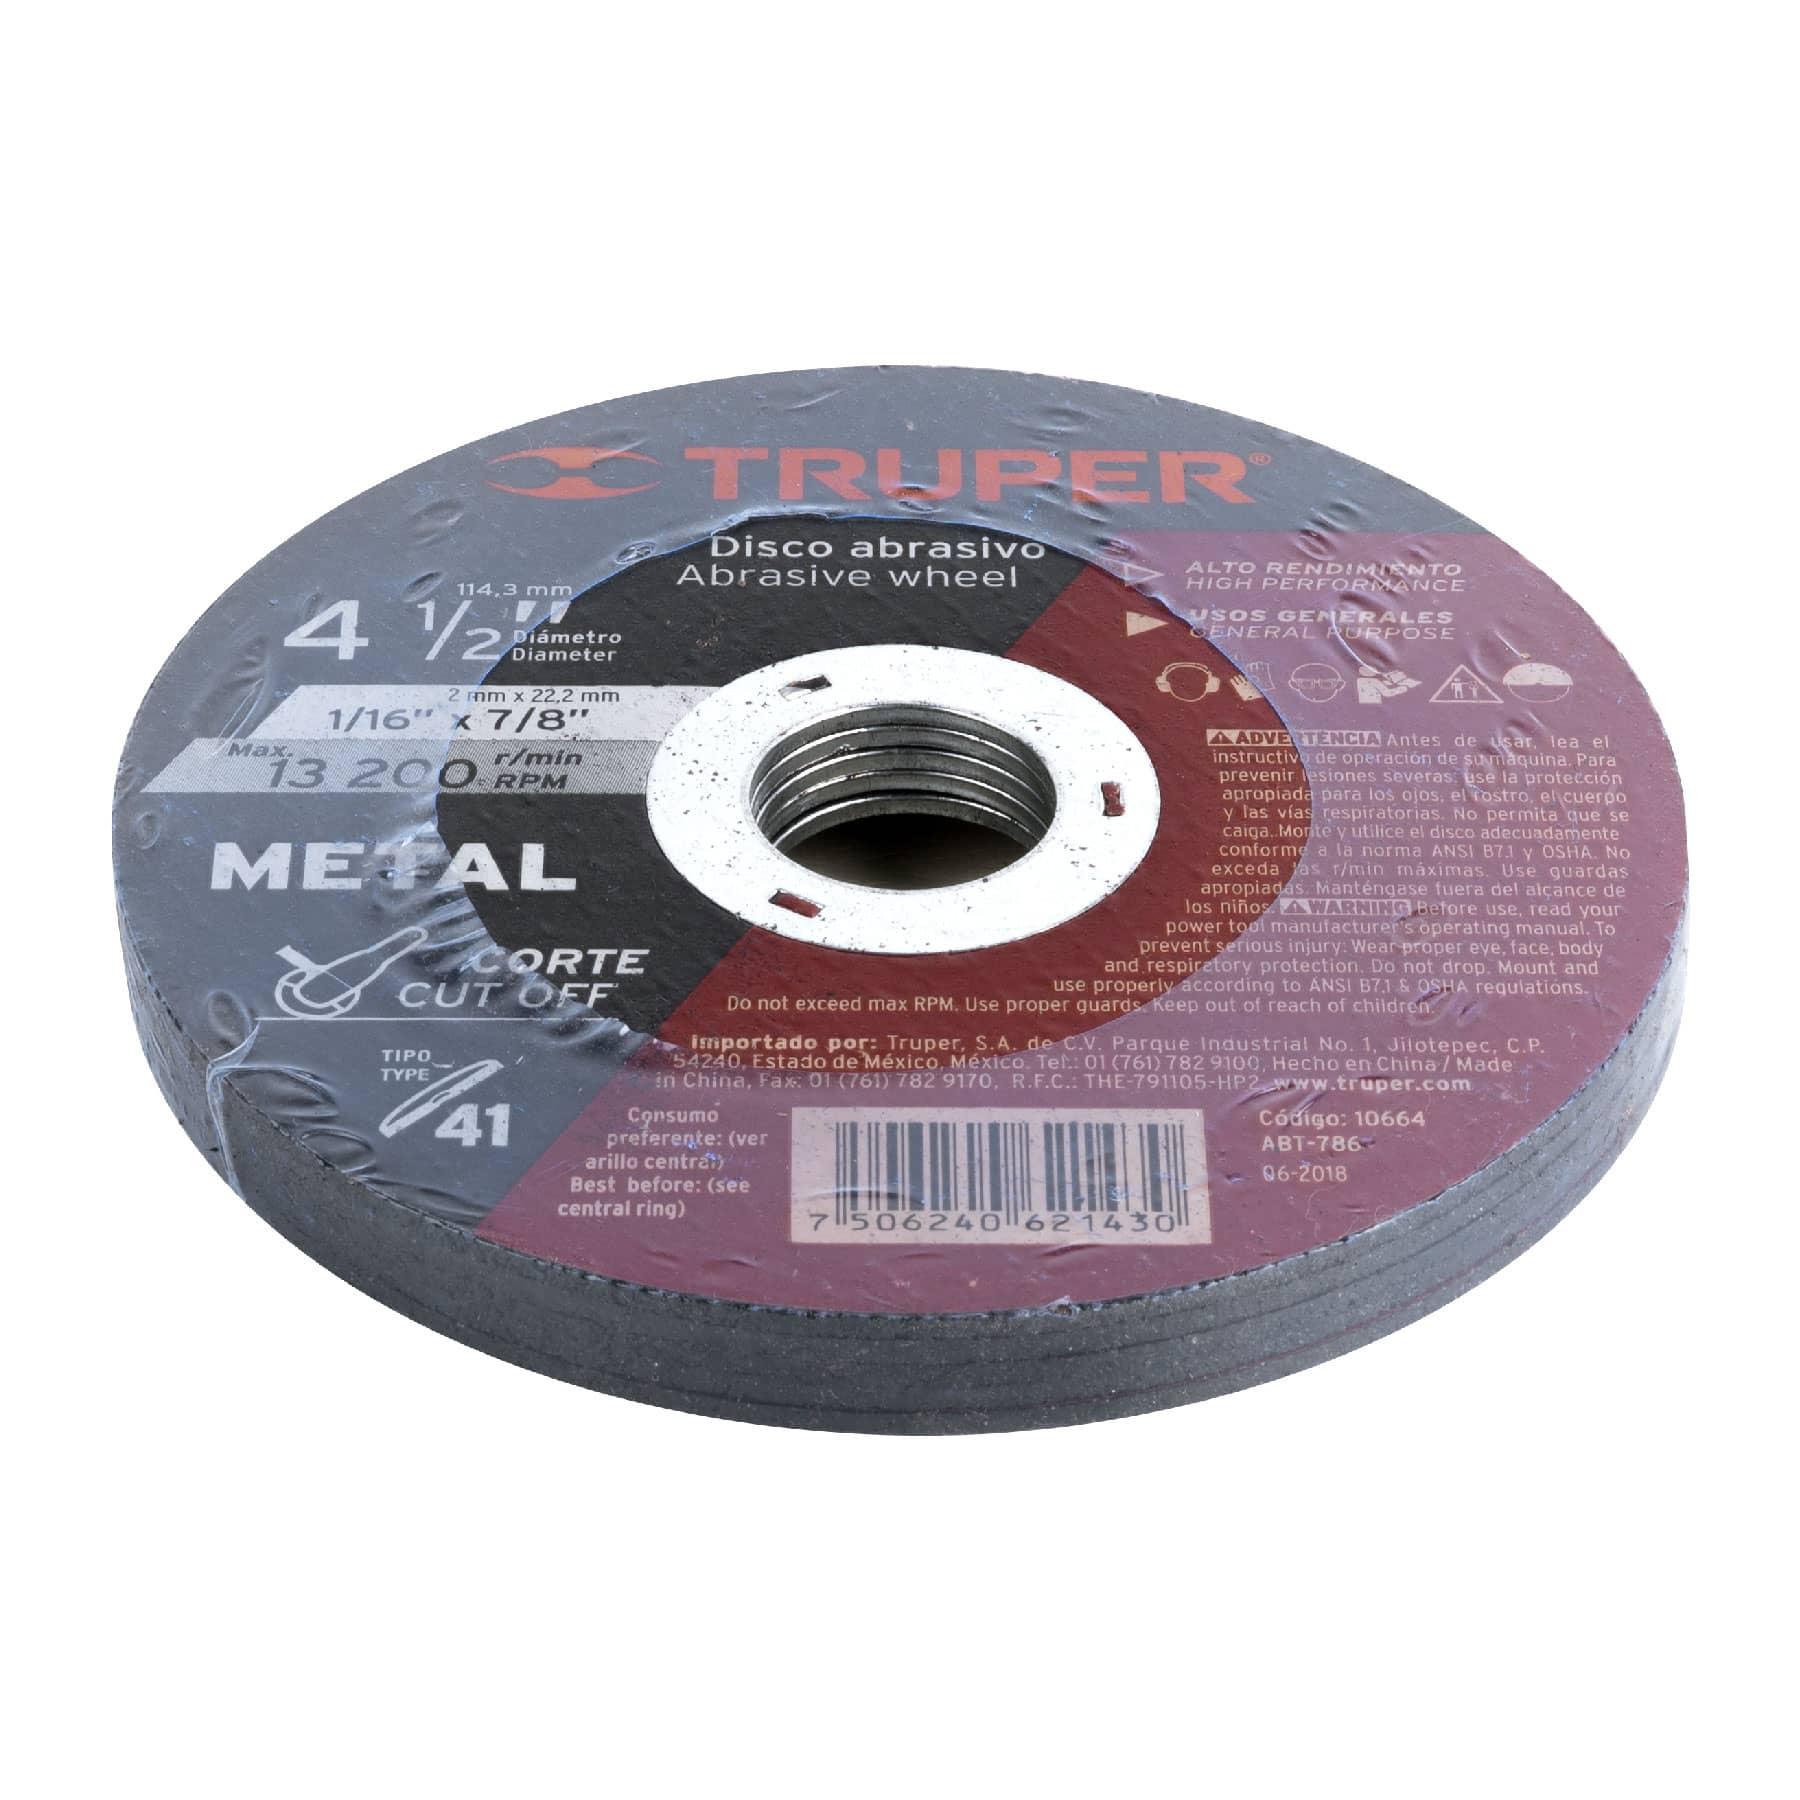 Disco para corte de metal, tipo 41, diámetro 4-1/2